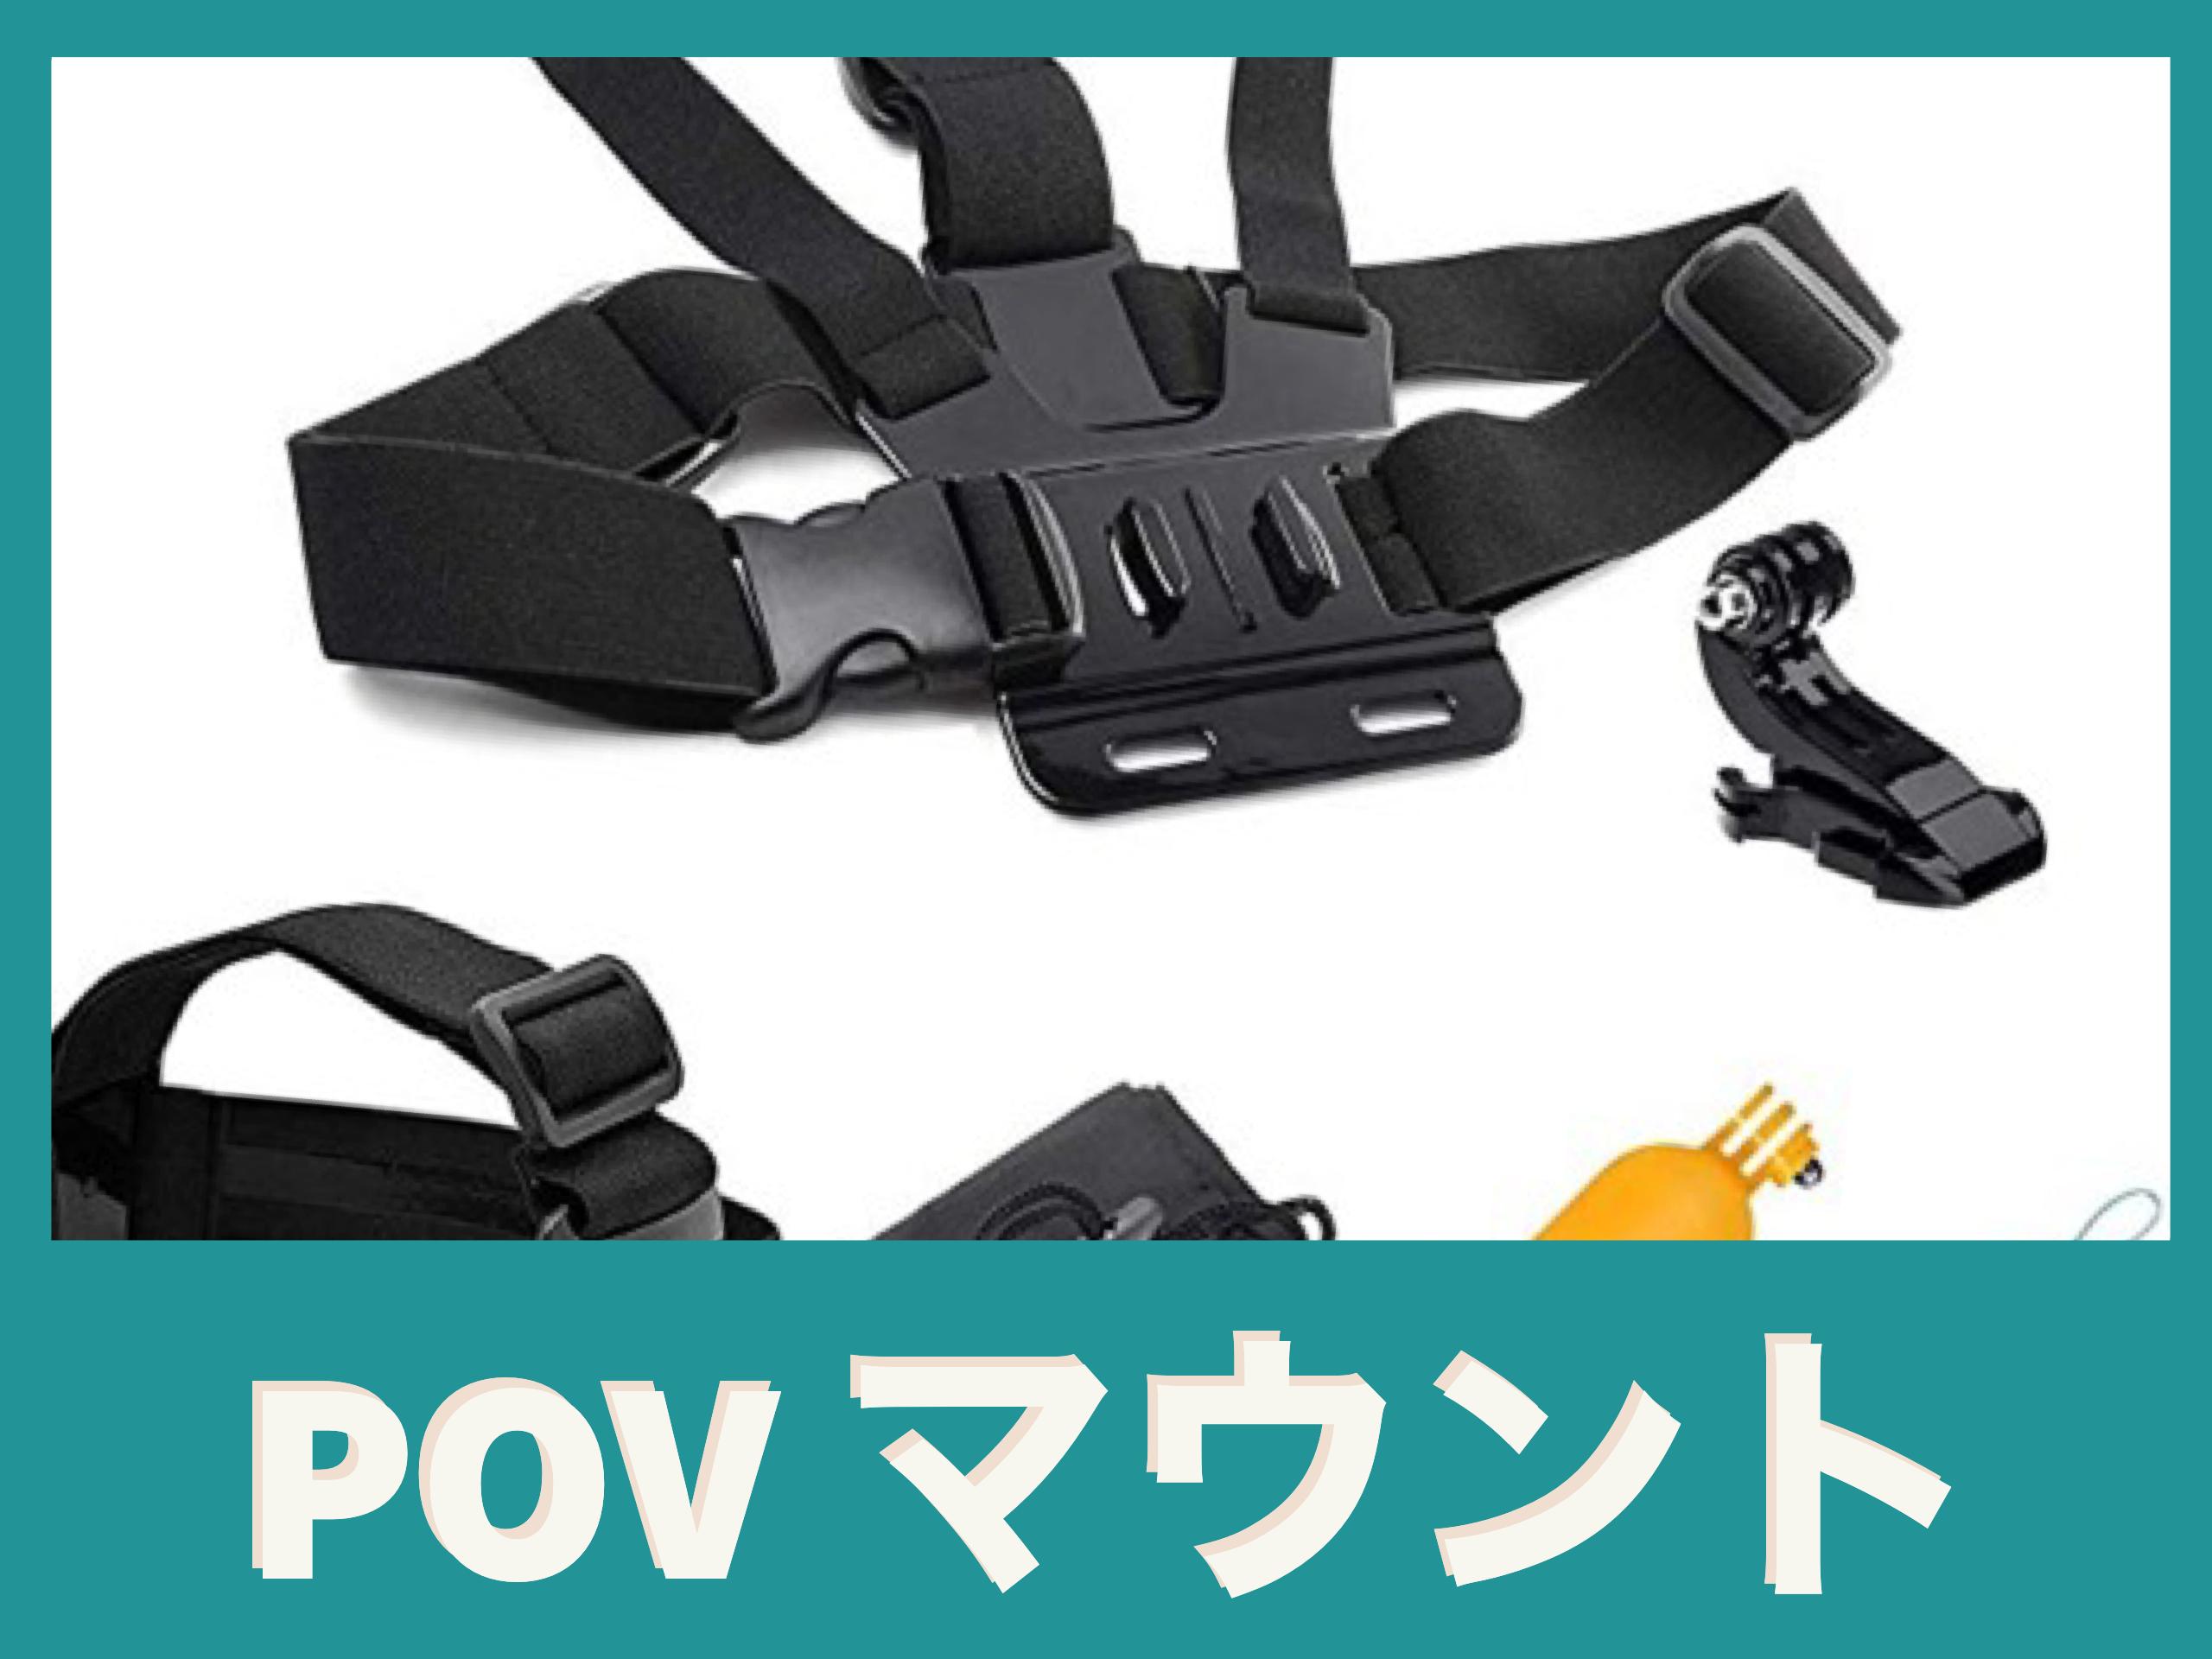 Osmo Pocket / 初心者でも臨場感溢れる映像が撮れる!POVアクセサリー